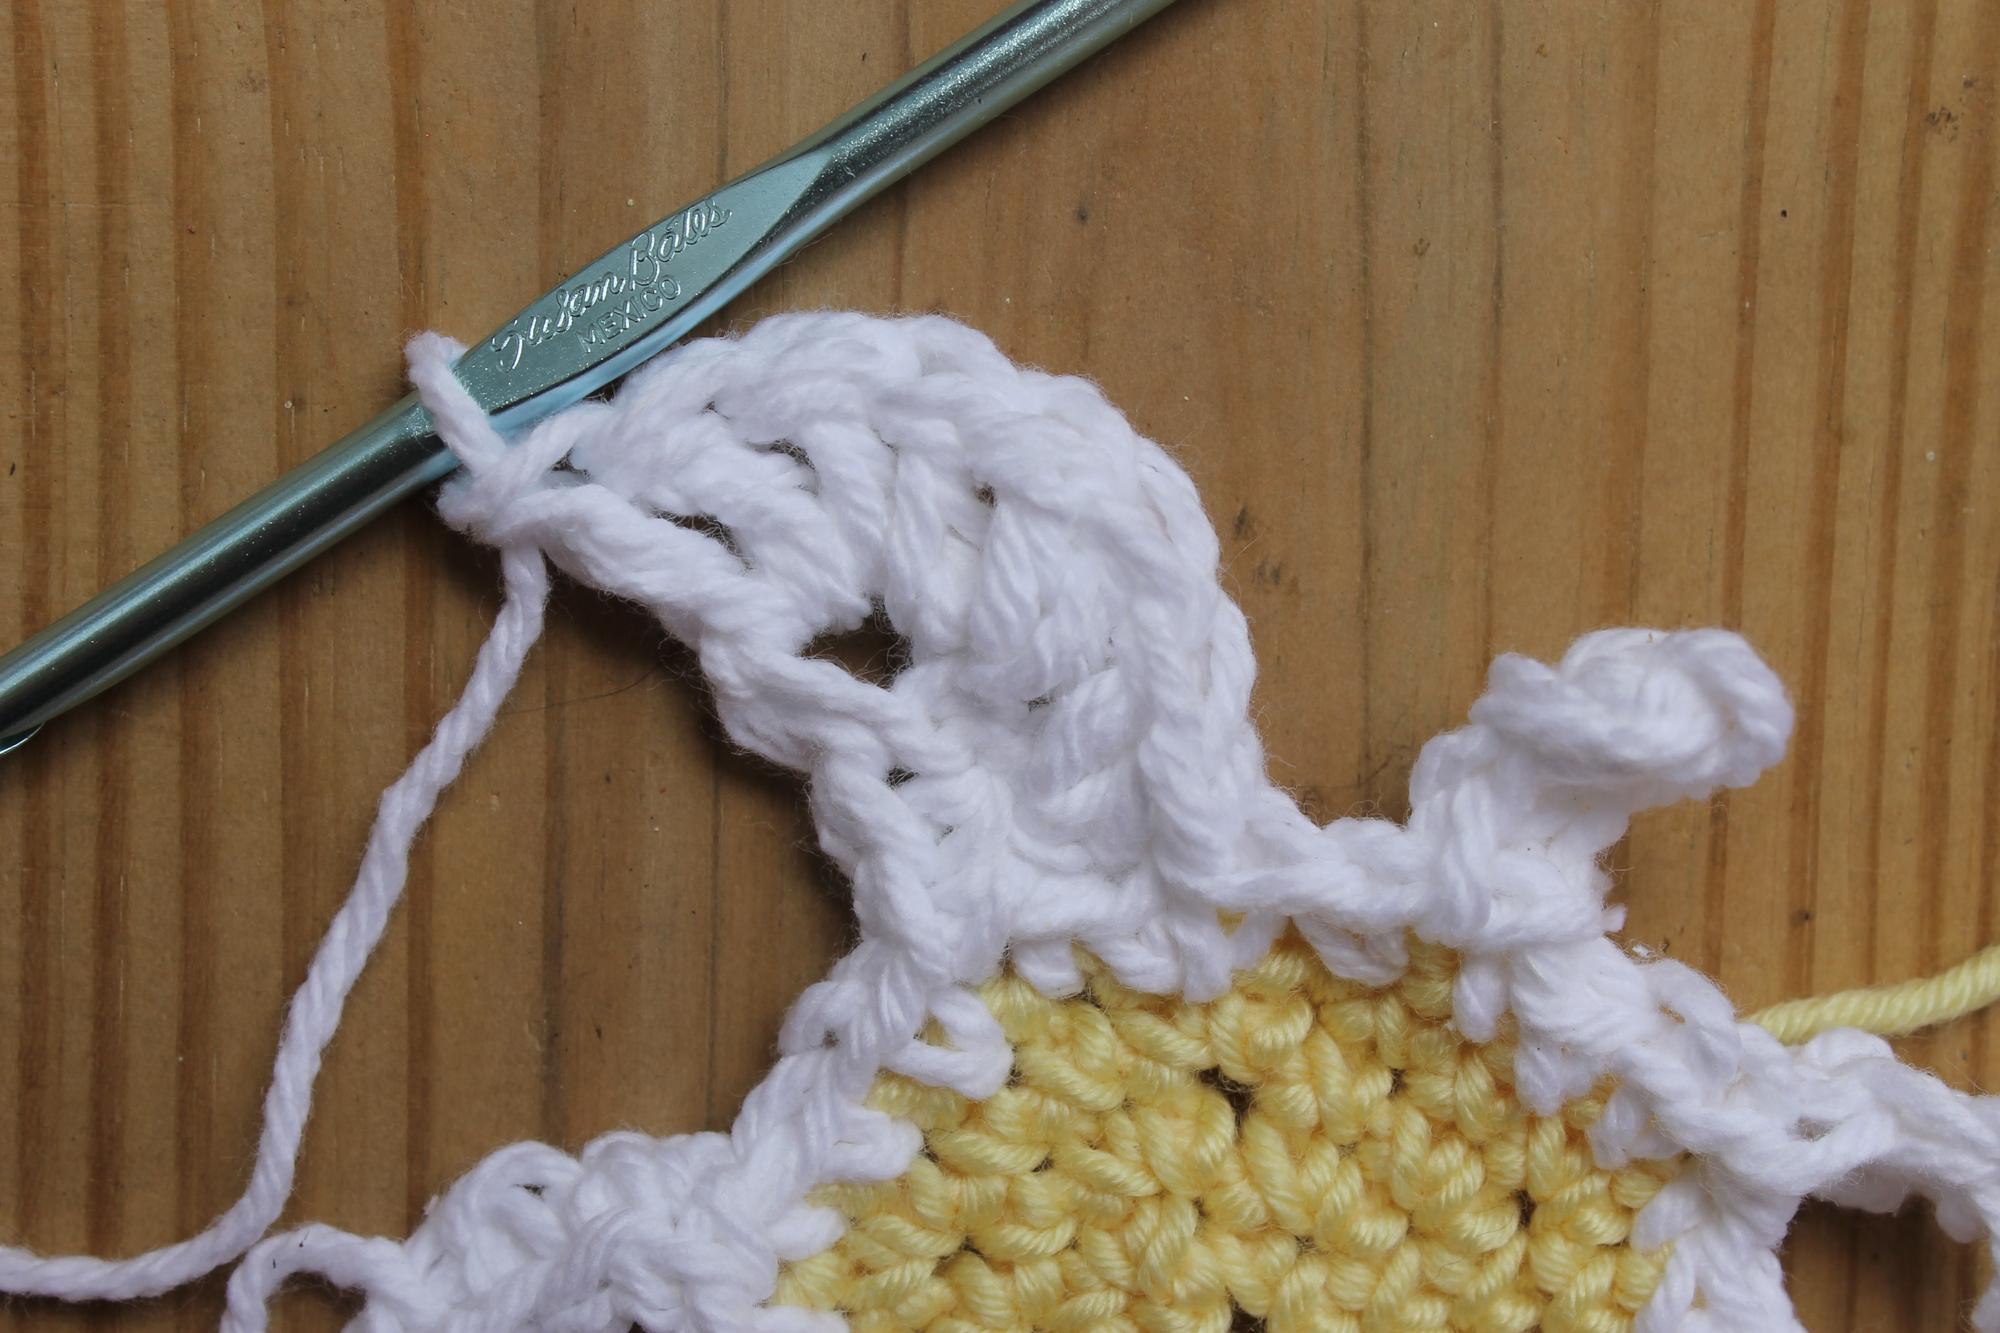 Crochet daisy white petals